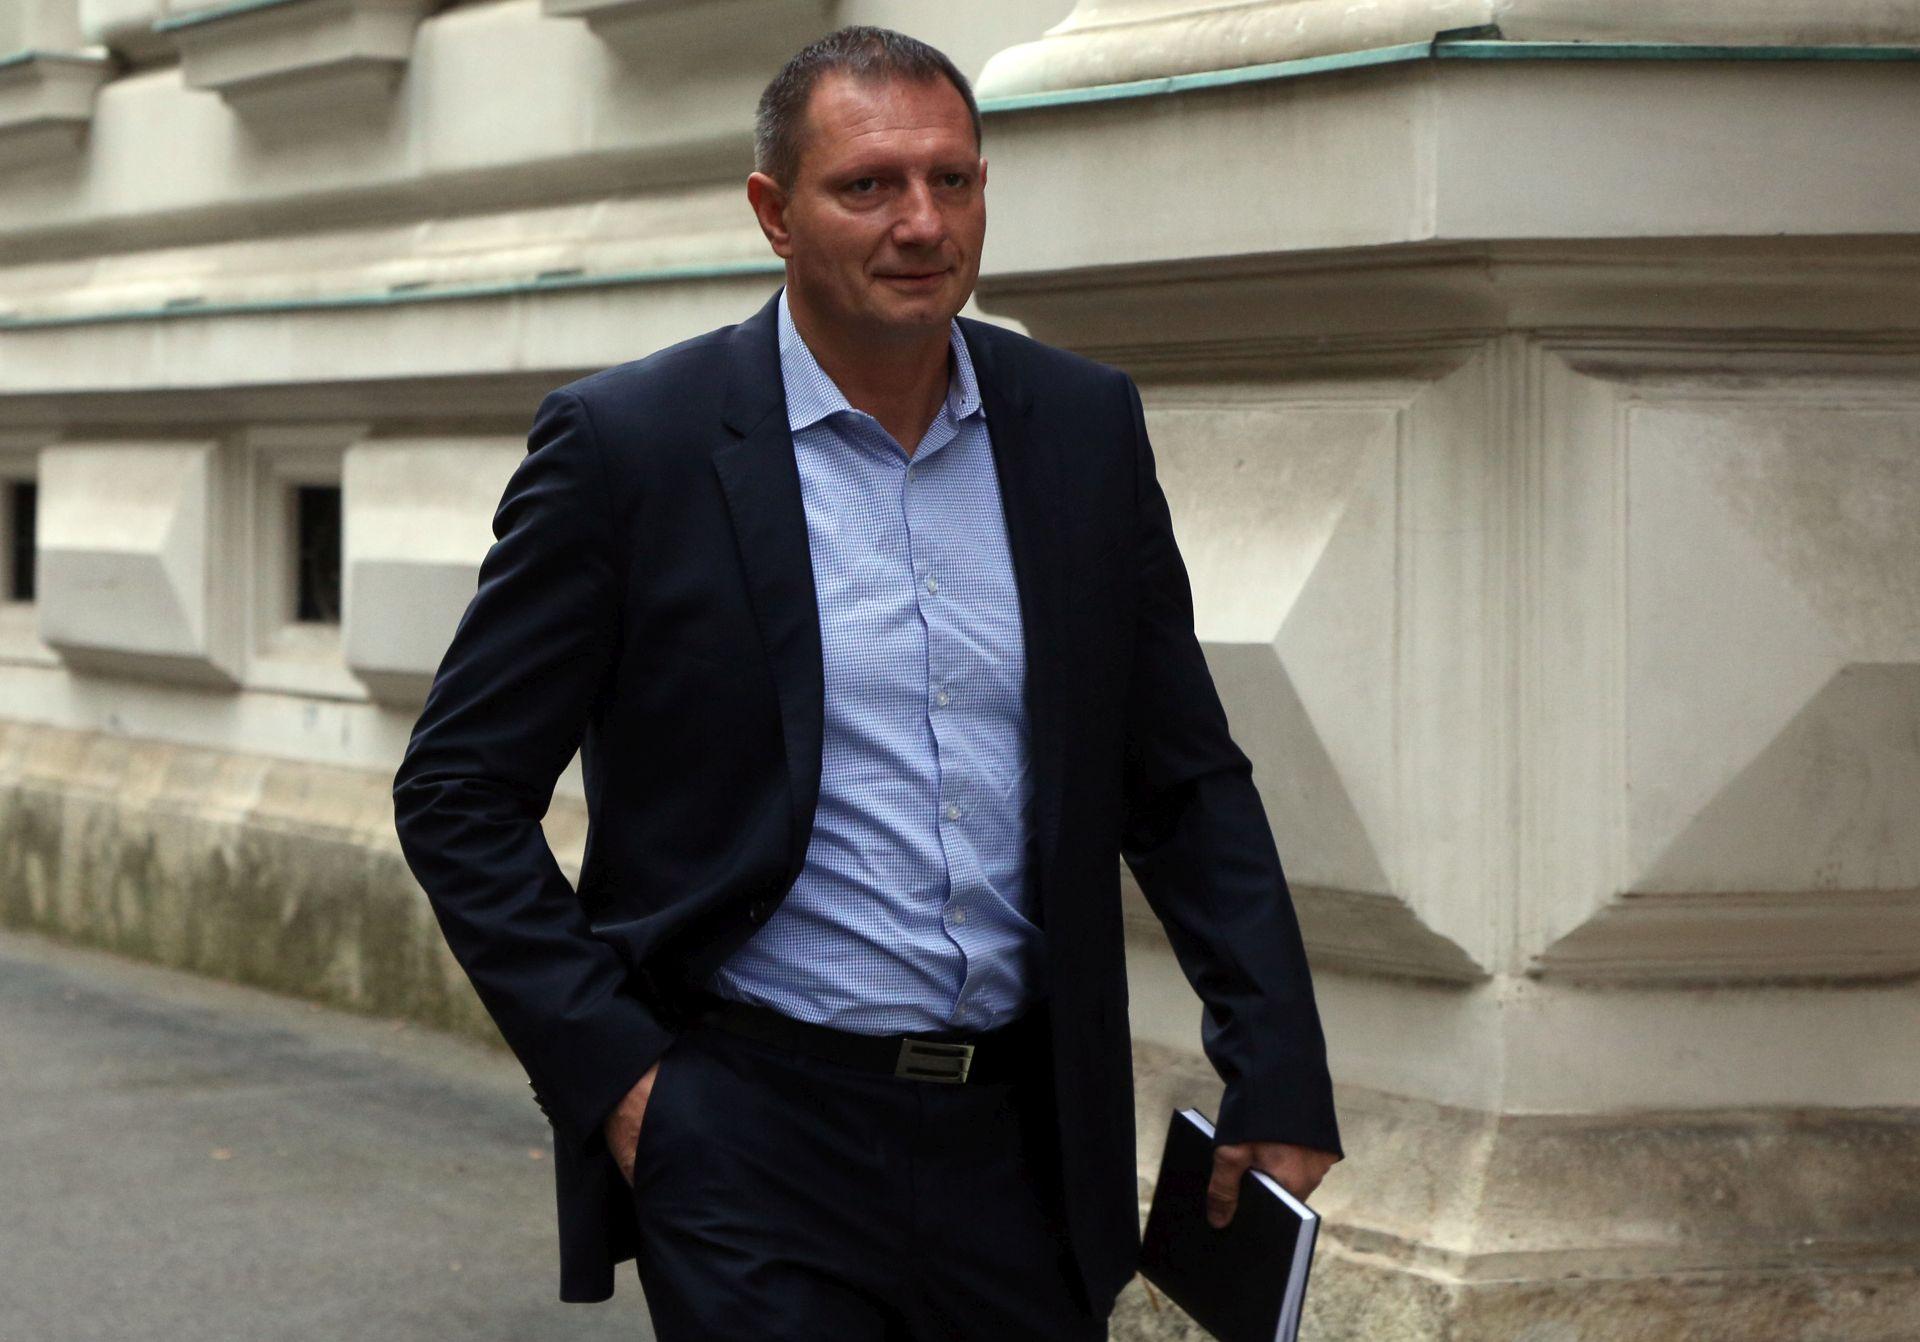 ZAGREB Sud nije odlučivao o optužnici protiv Lovrića i Klemma jer obrane traže izdvajanje nezakonitih dokaza